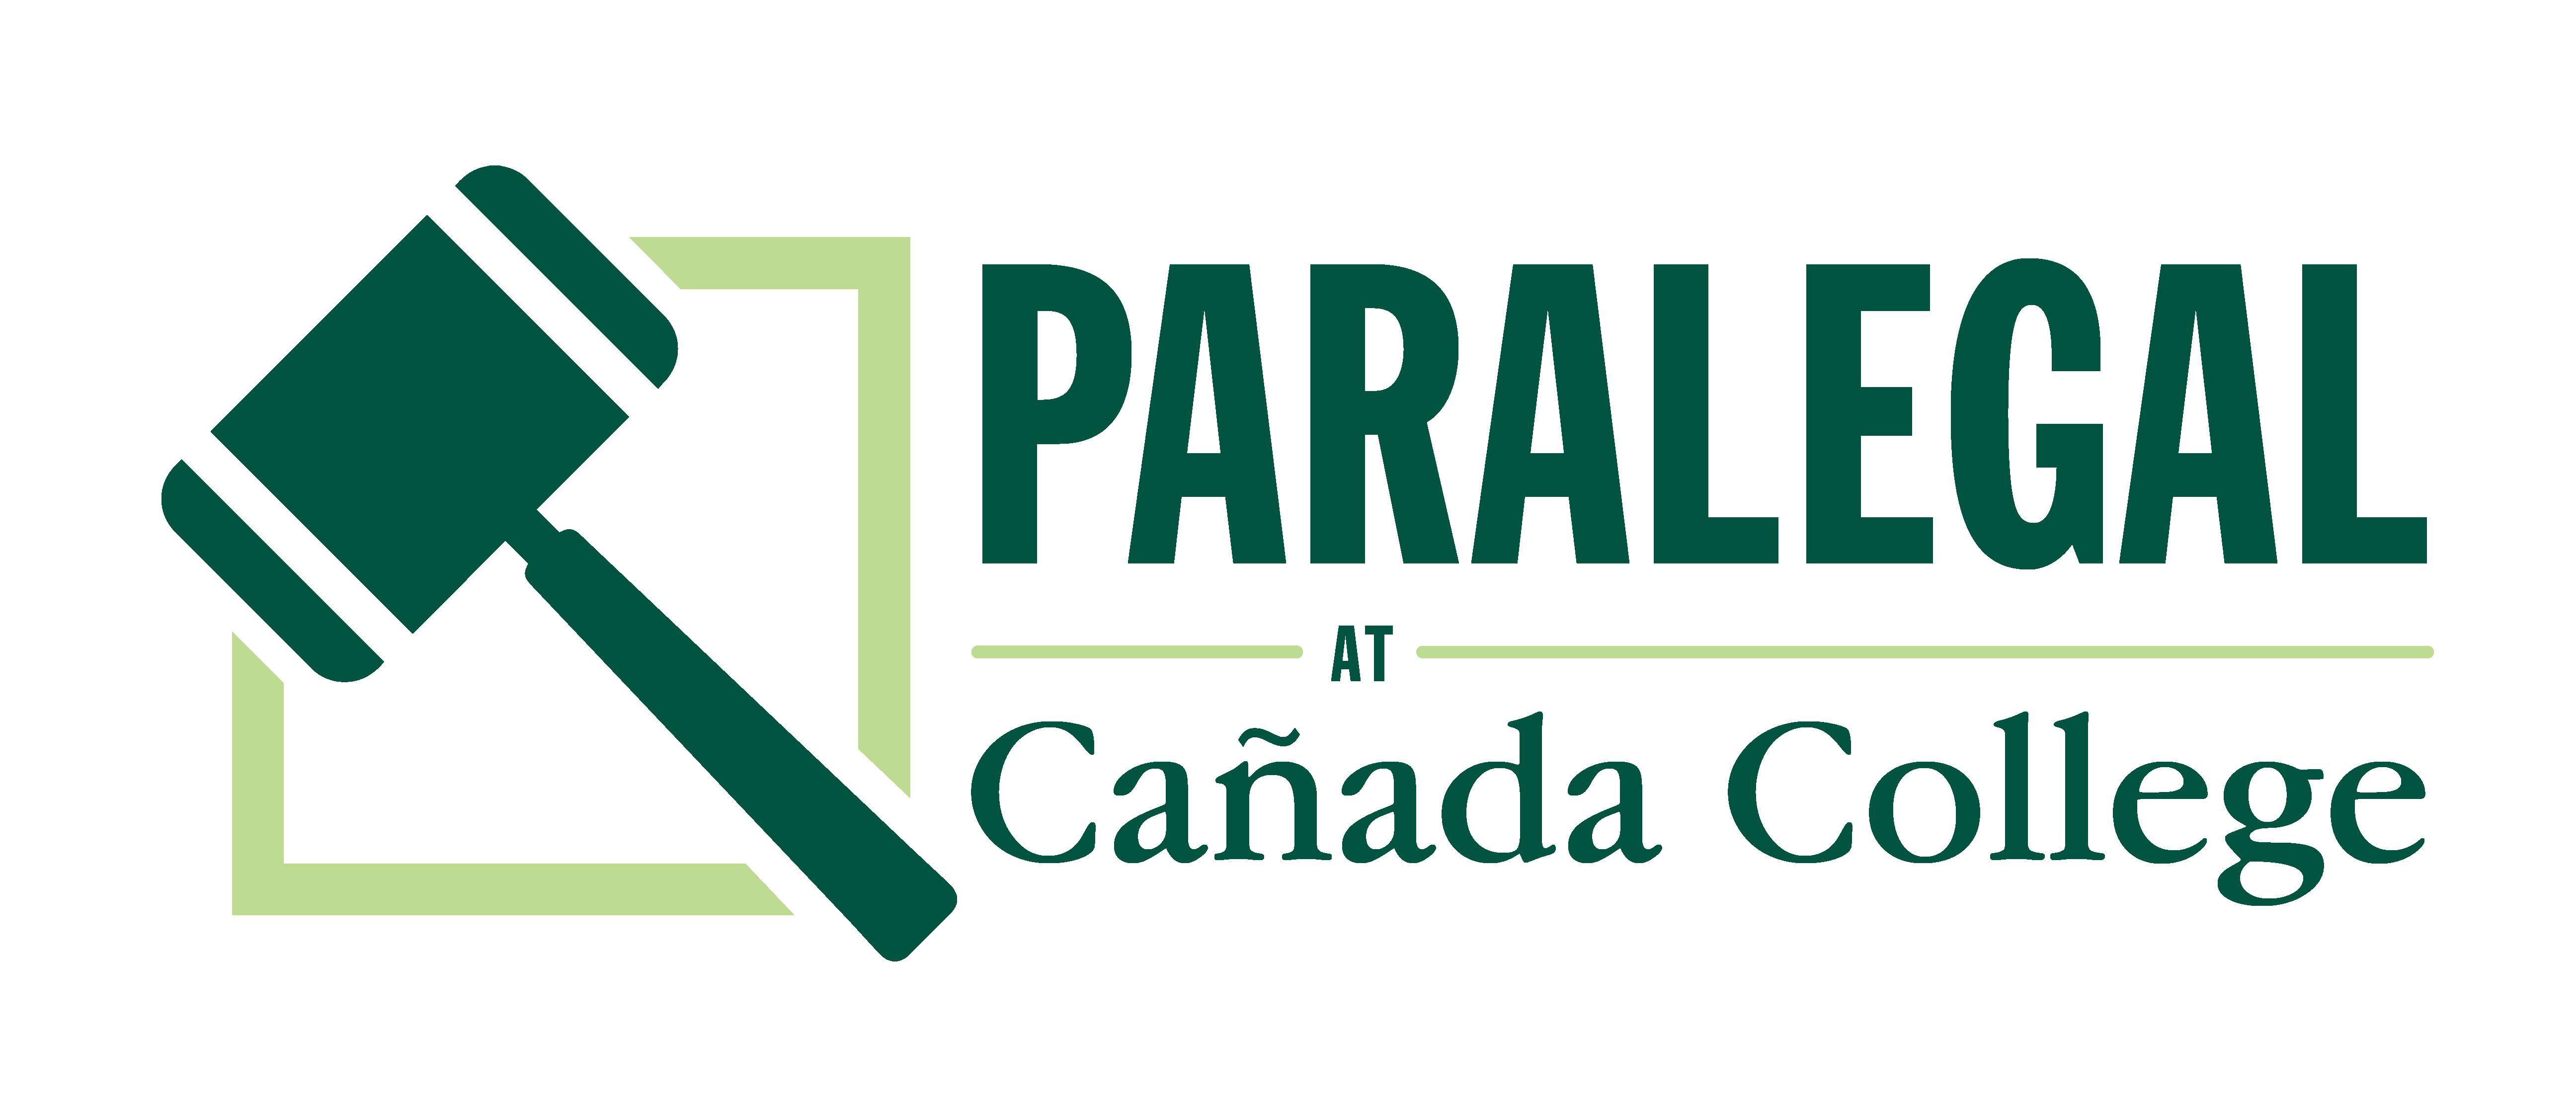 Paralegal Caada College